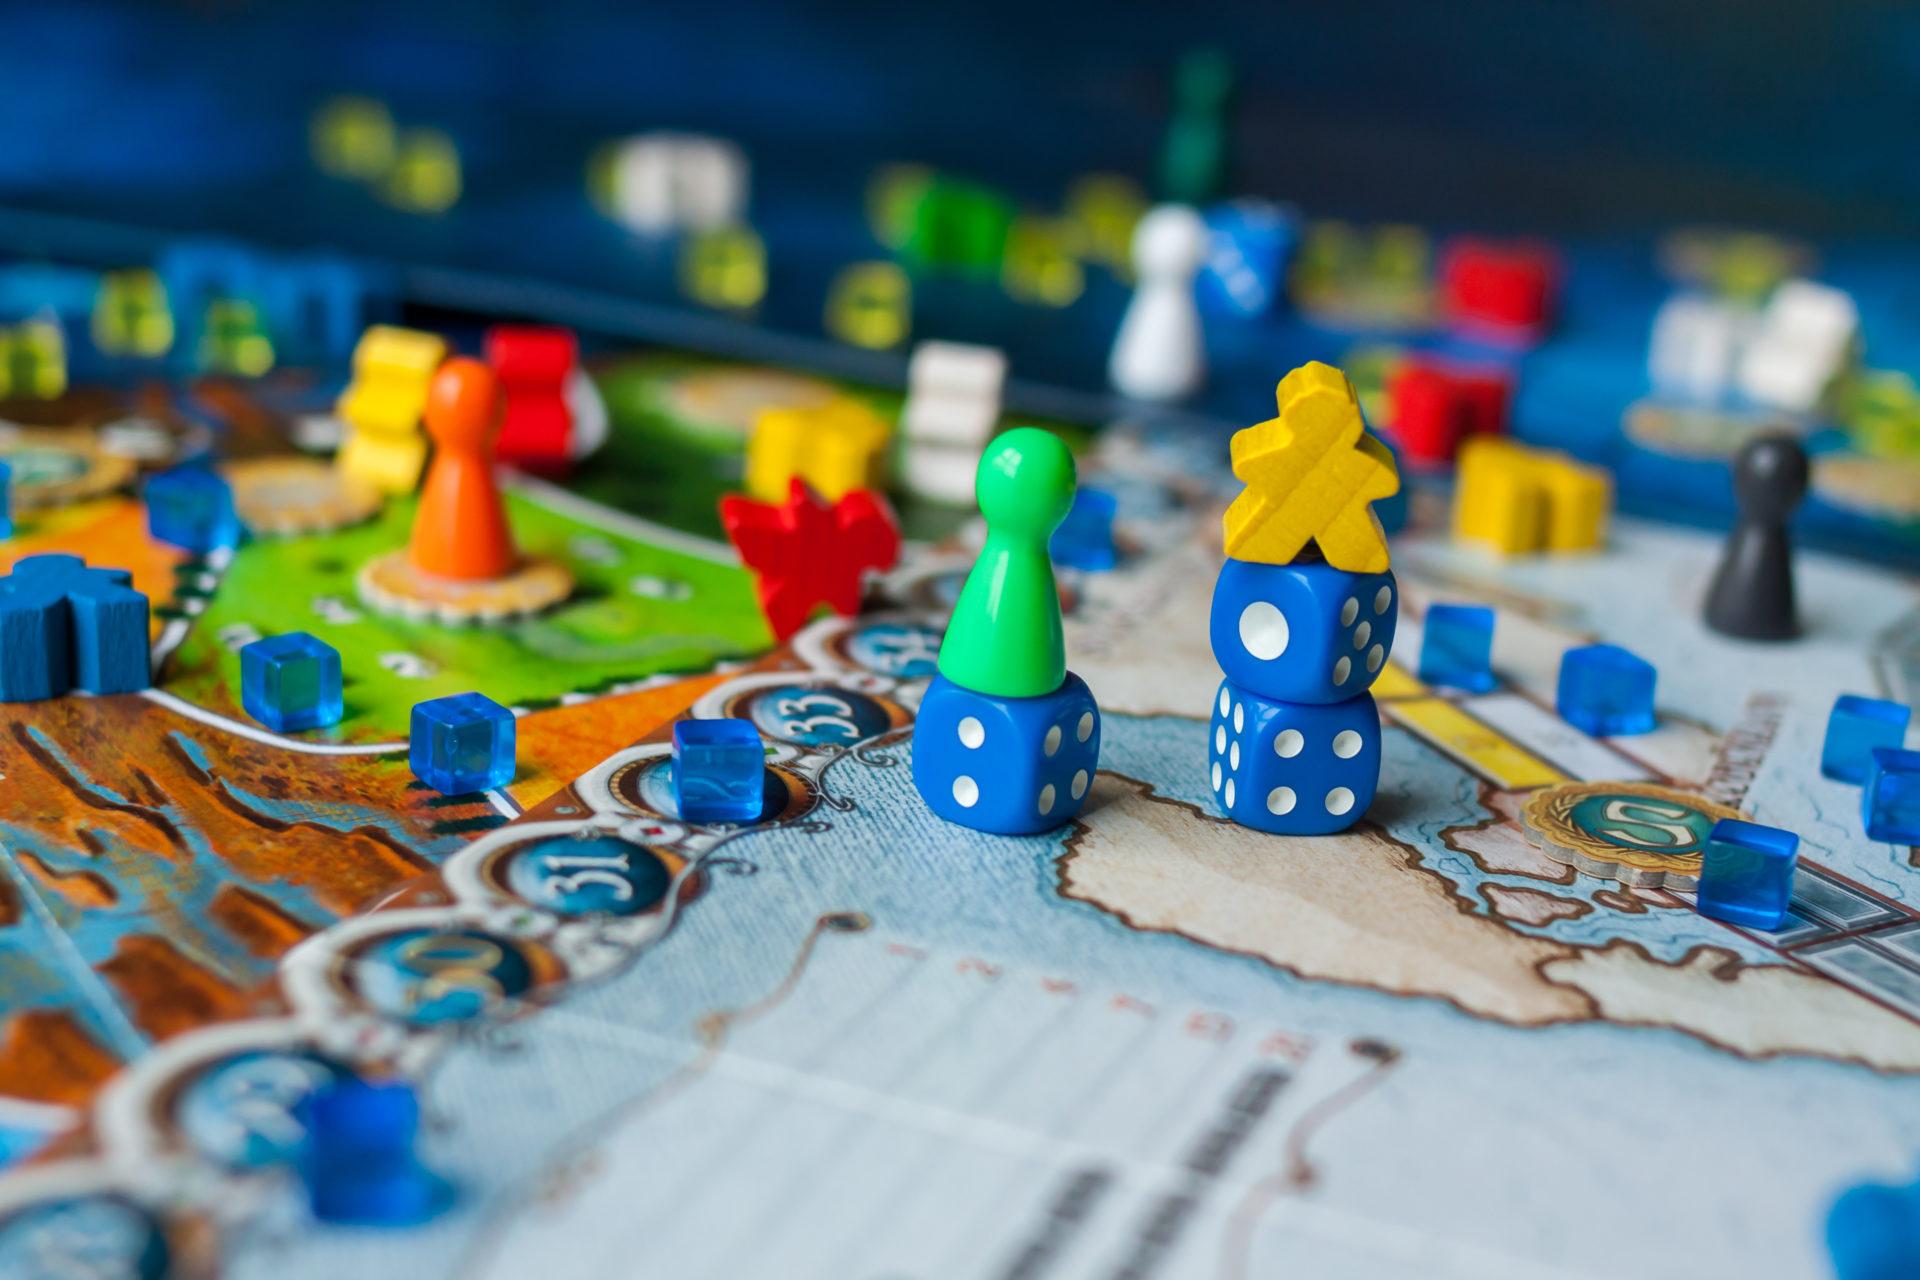 Cadeau Enfant 4 Ans Anniversaire Ou Noel : Jeux De Société destiné Jeux De 4 Ans Garçon